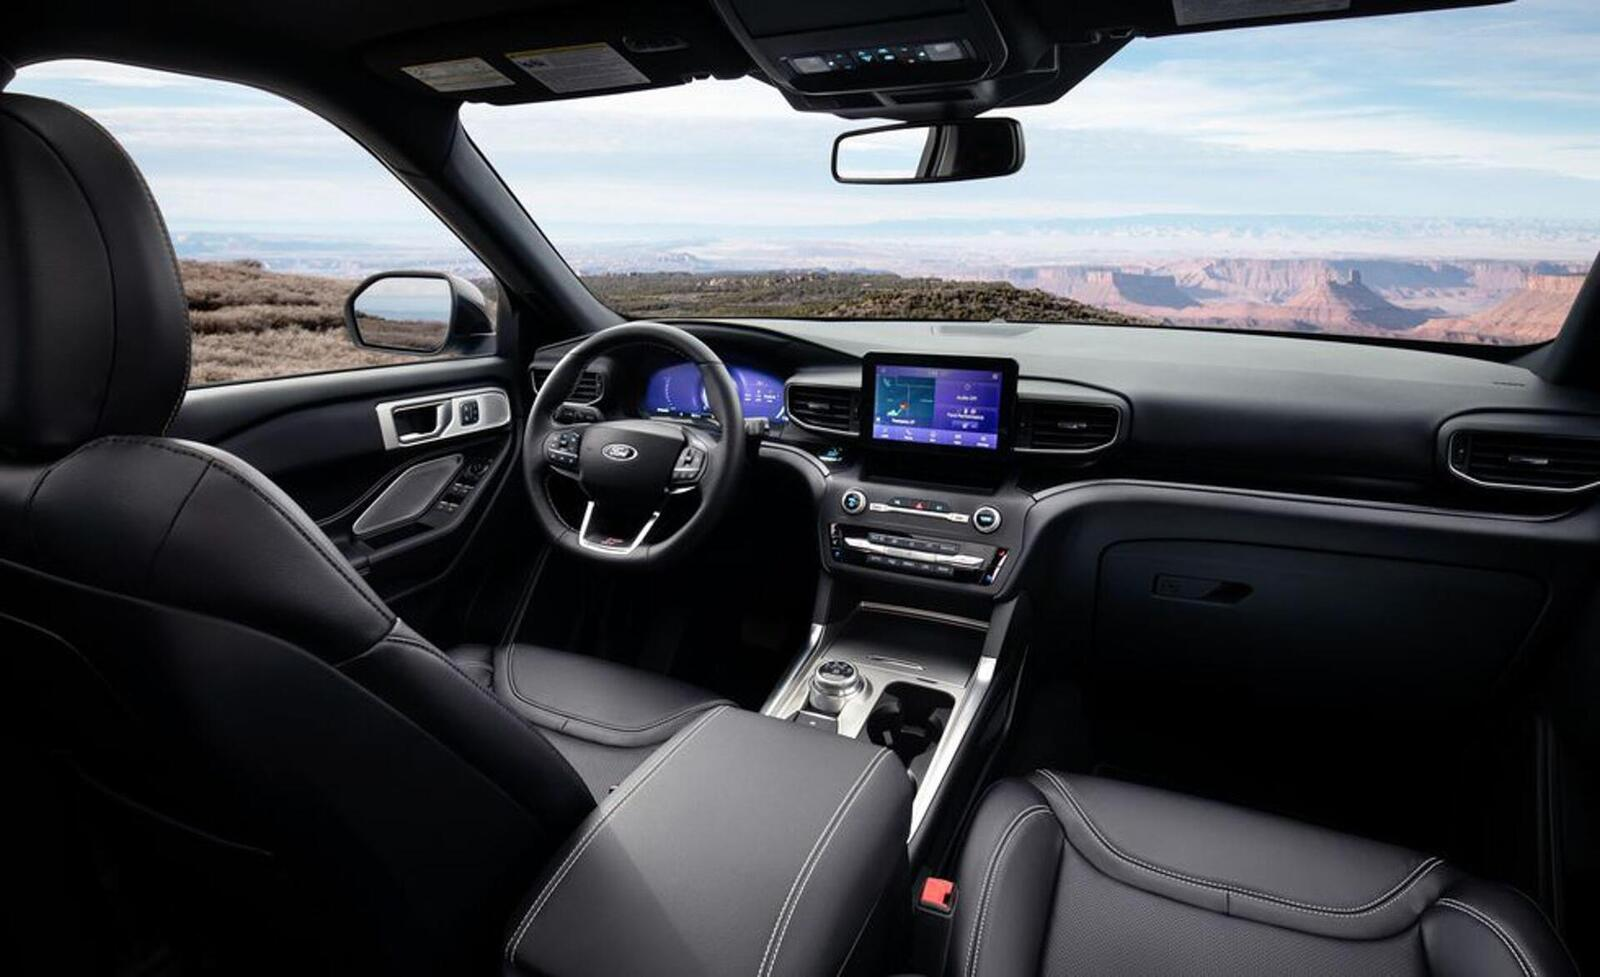 Ford giới thiệu Explorer ST 2020: Phiên bản mạnh nhất lắp máy V6 3.0L tăng áp 400 mã lực - Hình 18